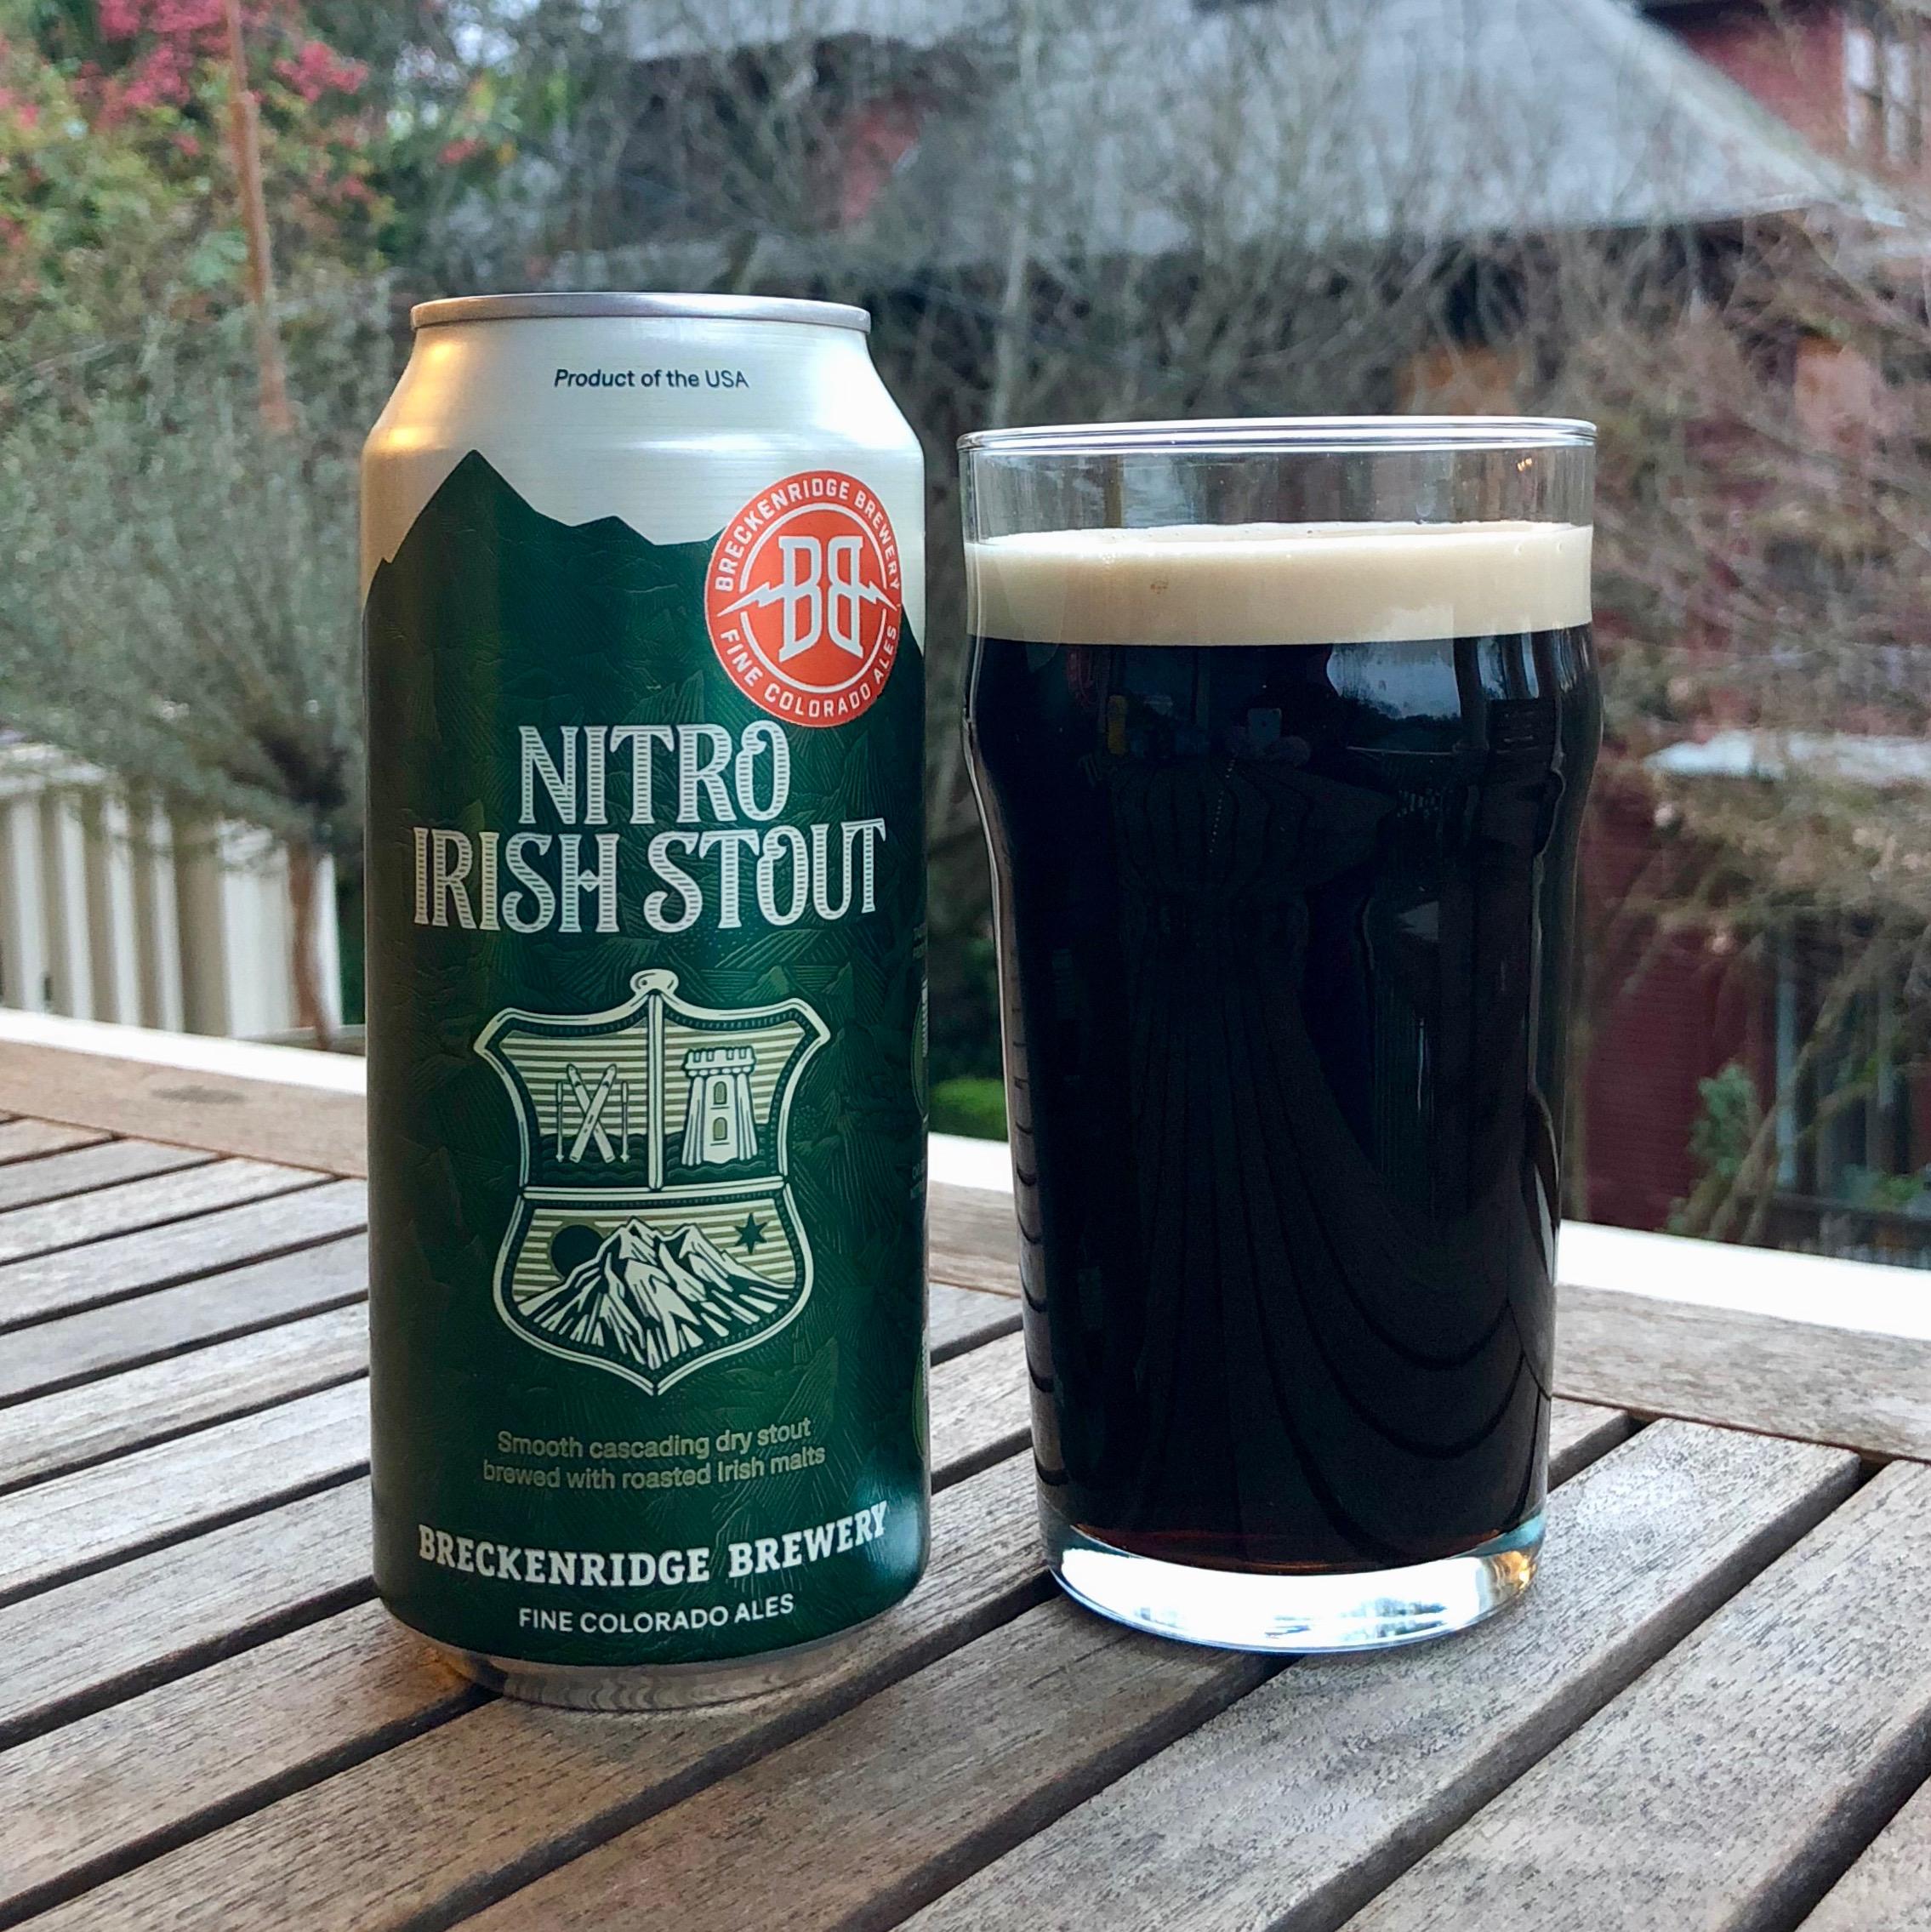 A glass pour of Breckenridge Brewery Nitro Irish Stout.